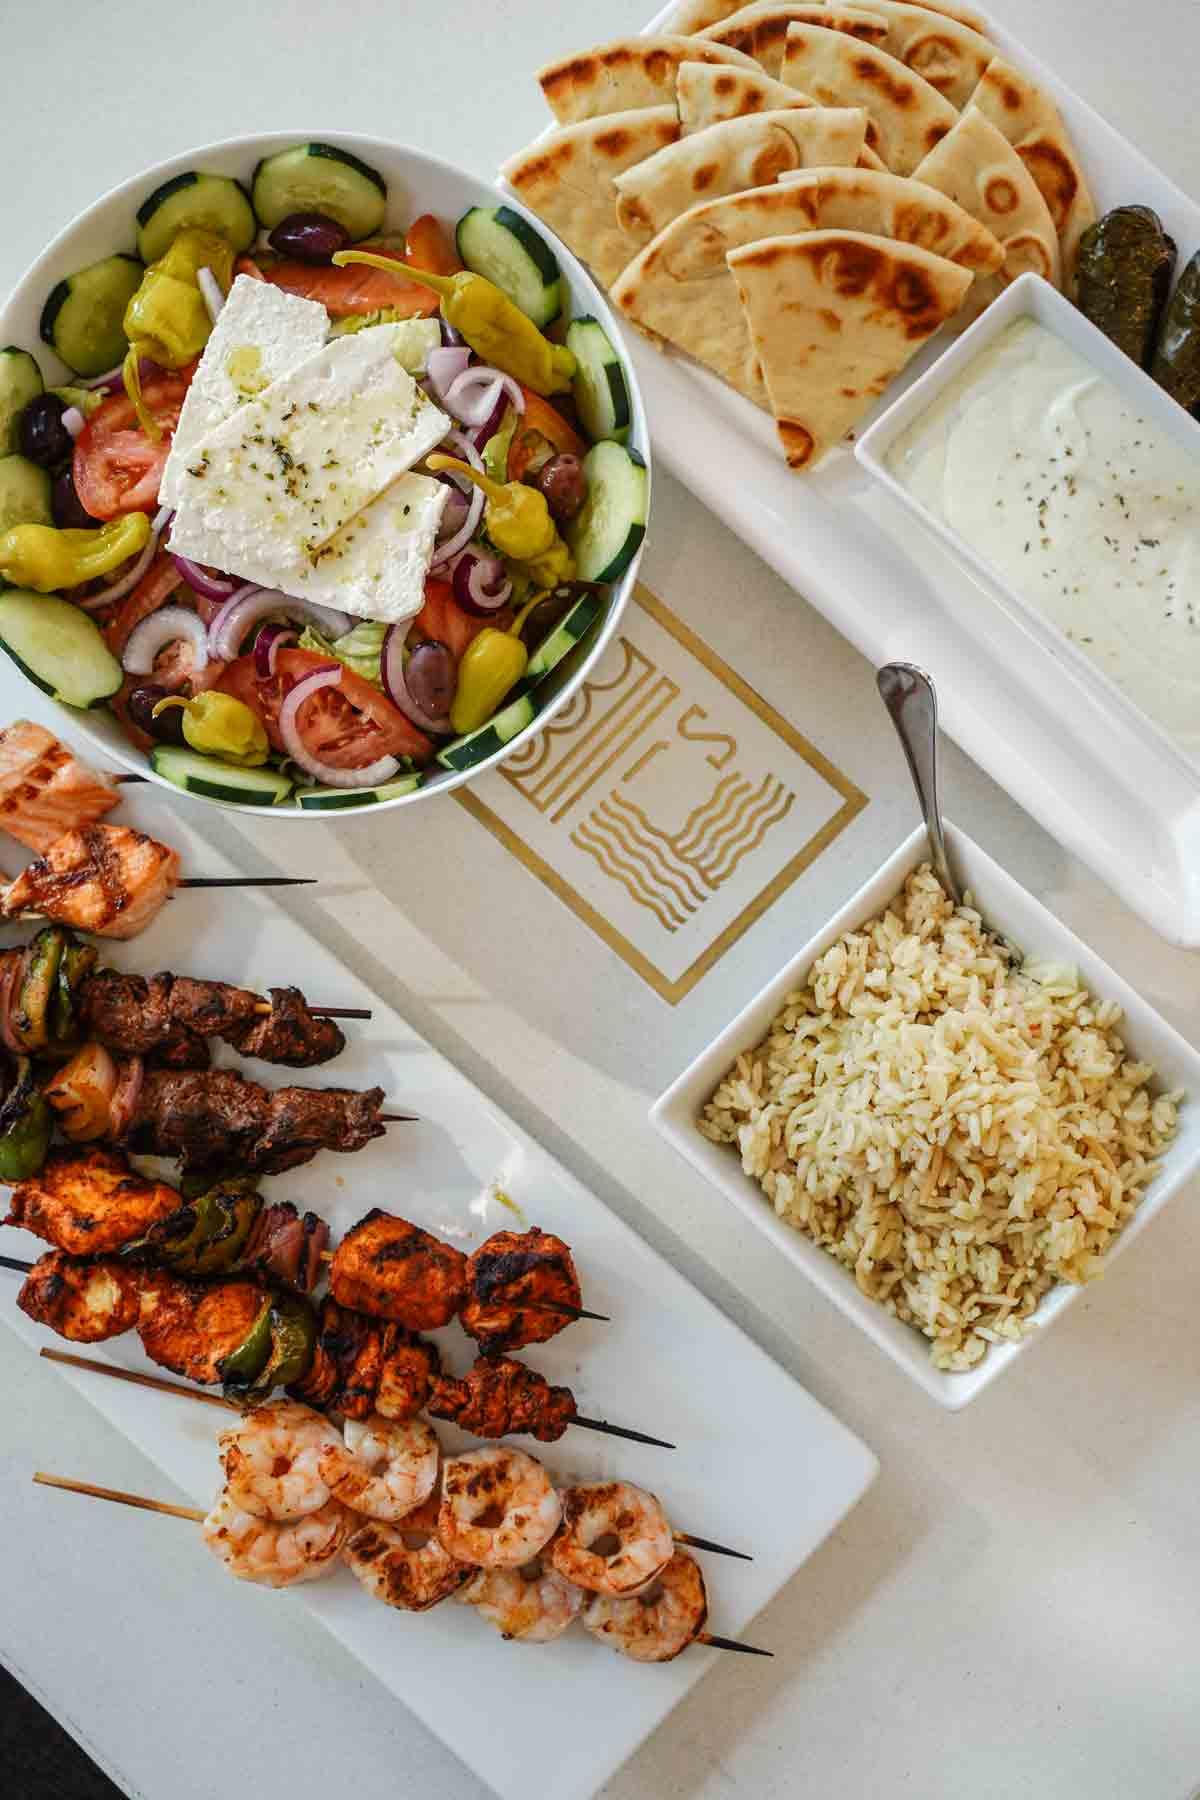 Spiros Mediterranean Cuisine - Catering